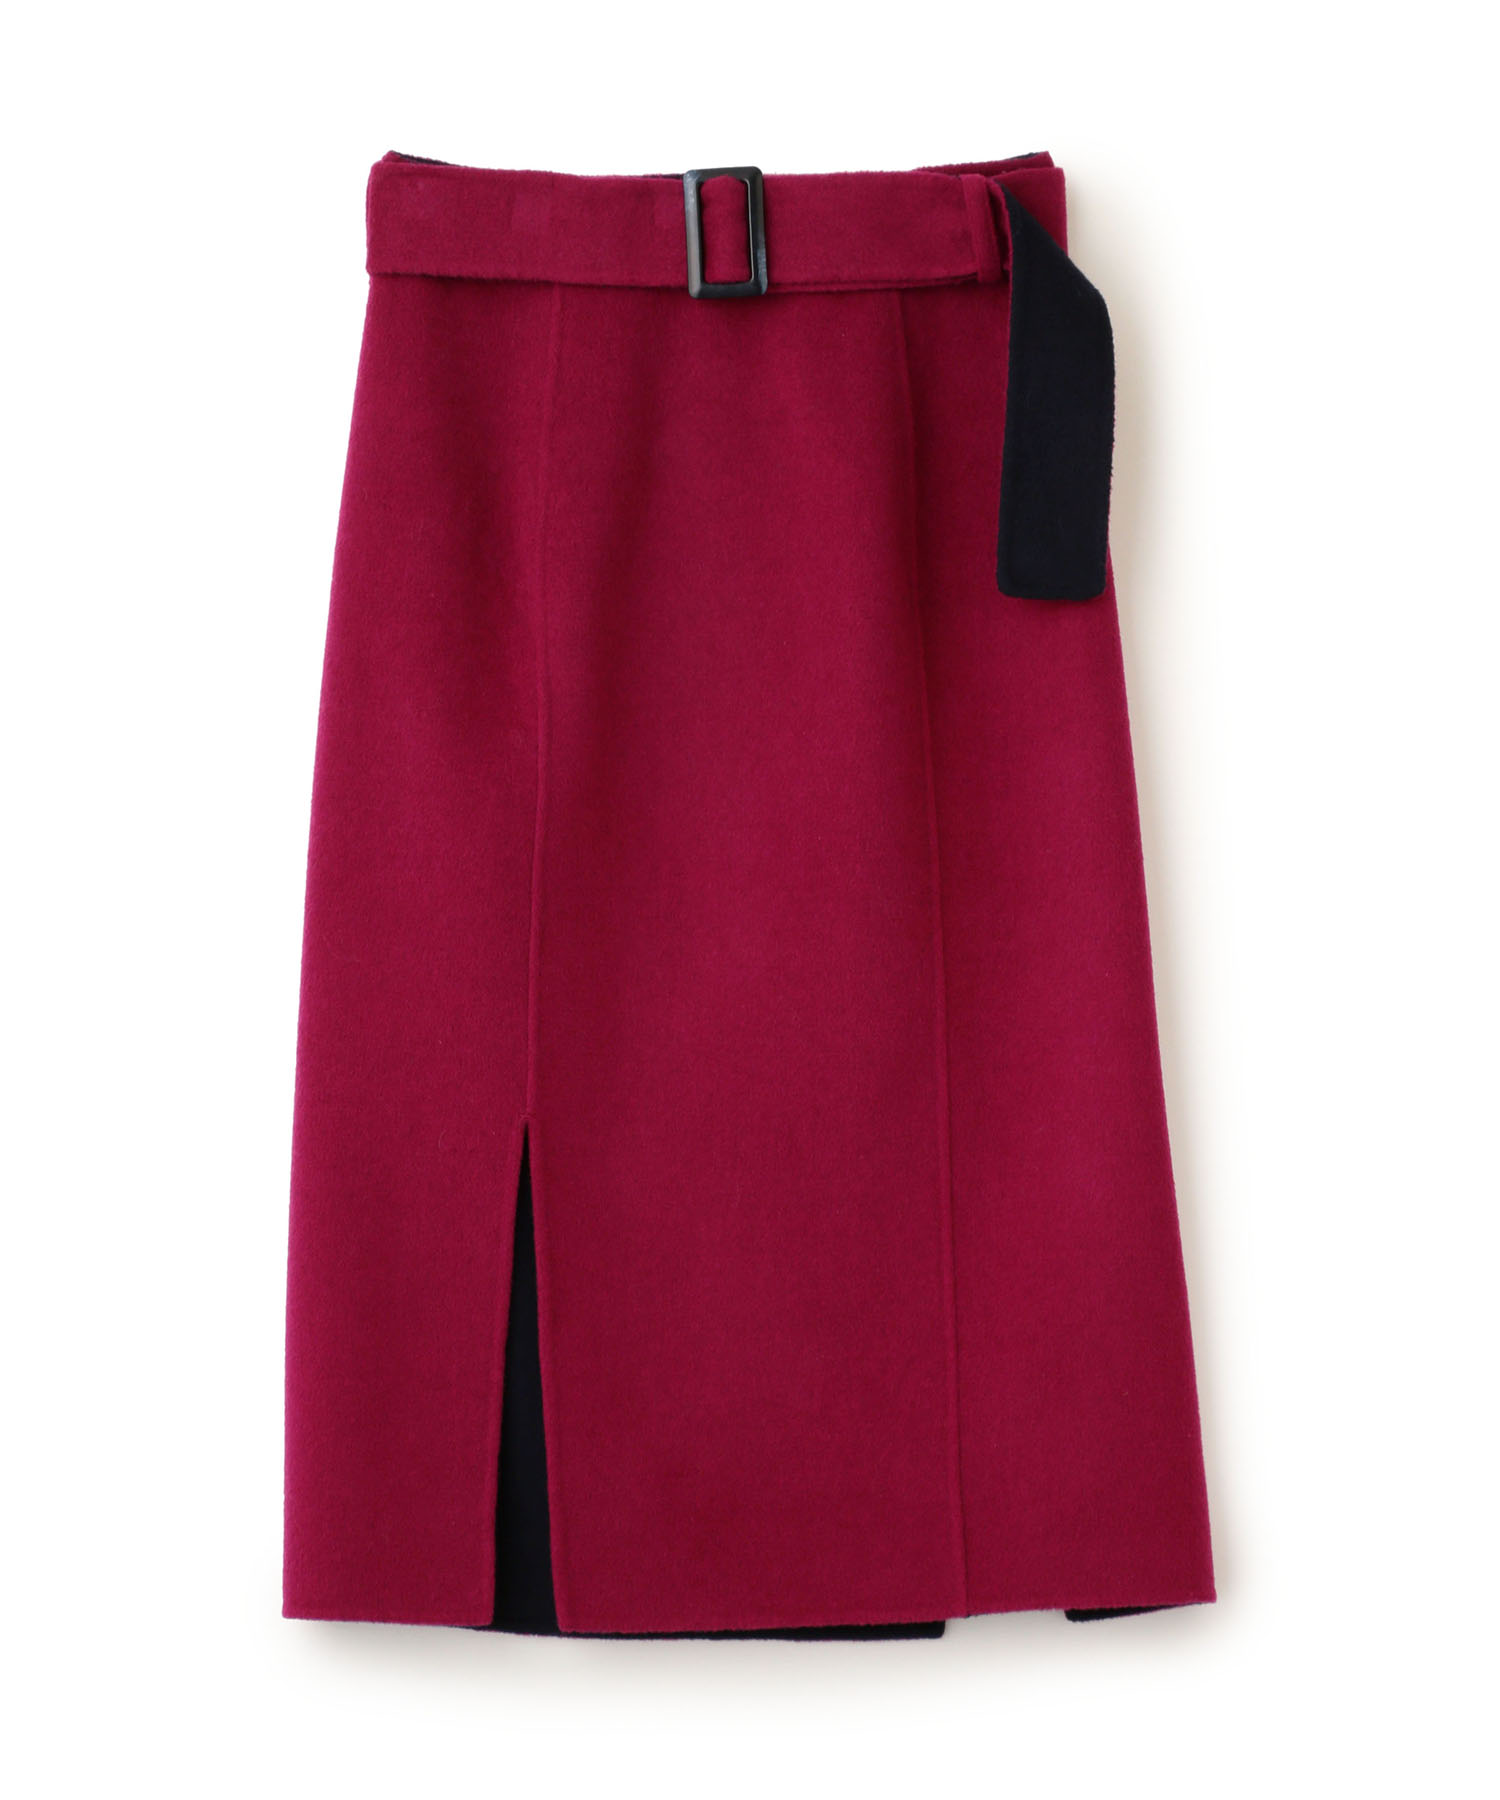 リバータイトスカート